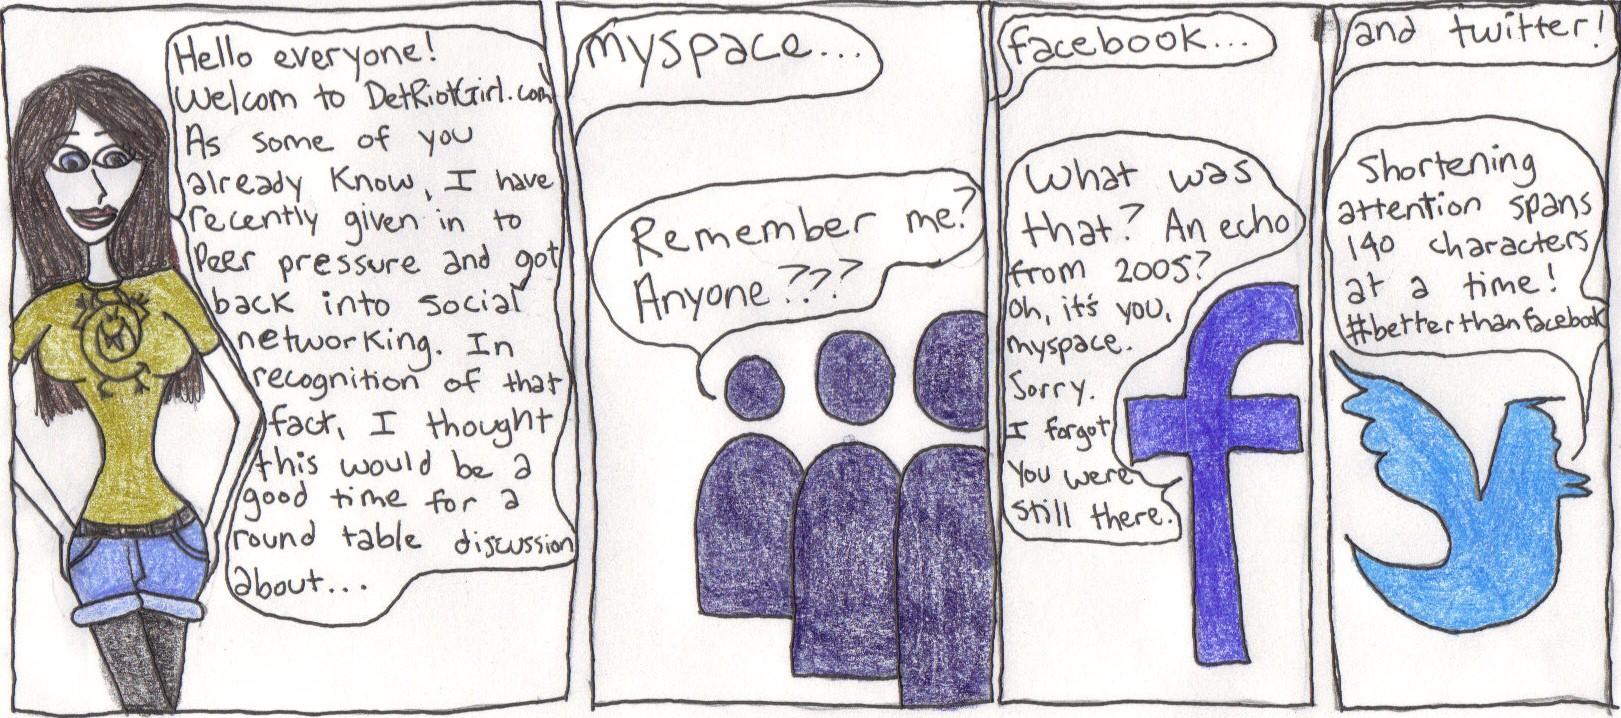 Social Network parody